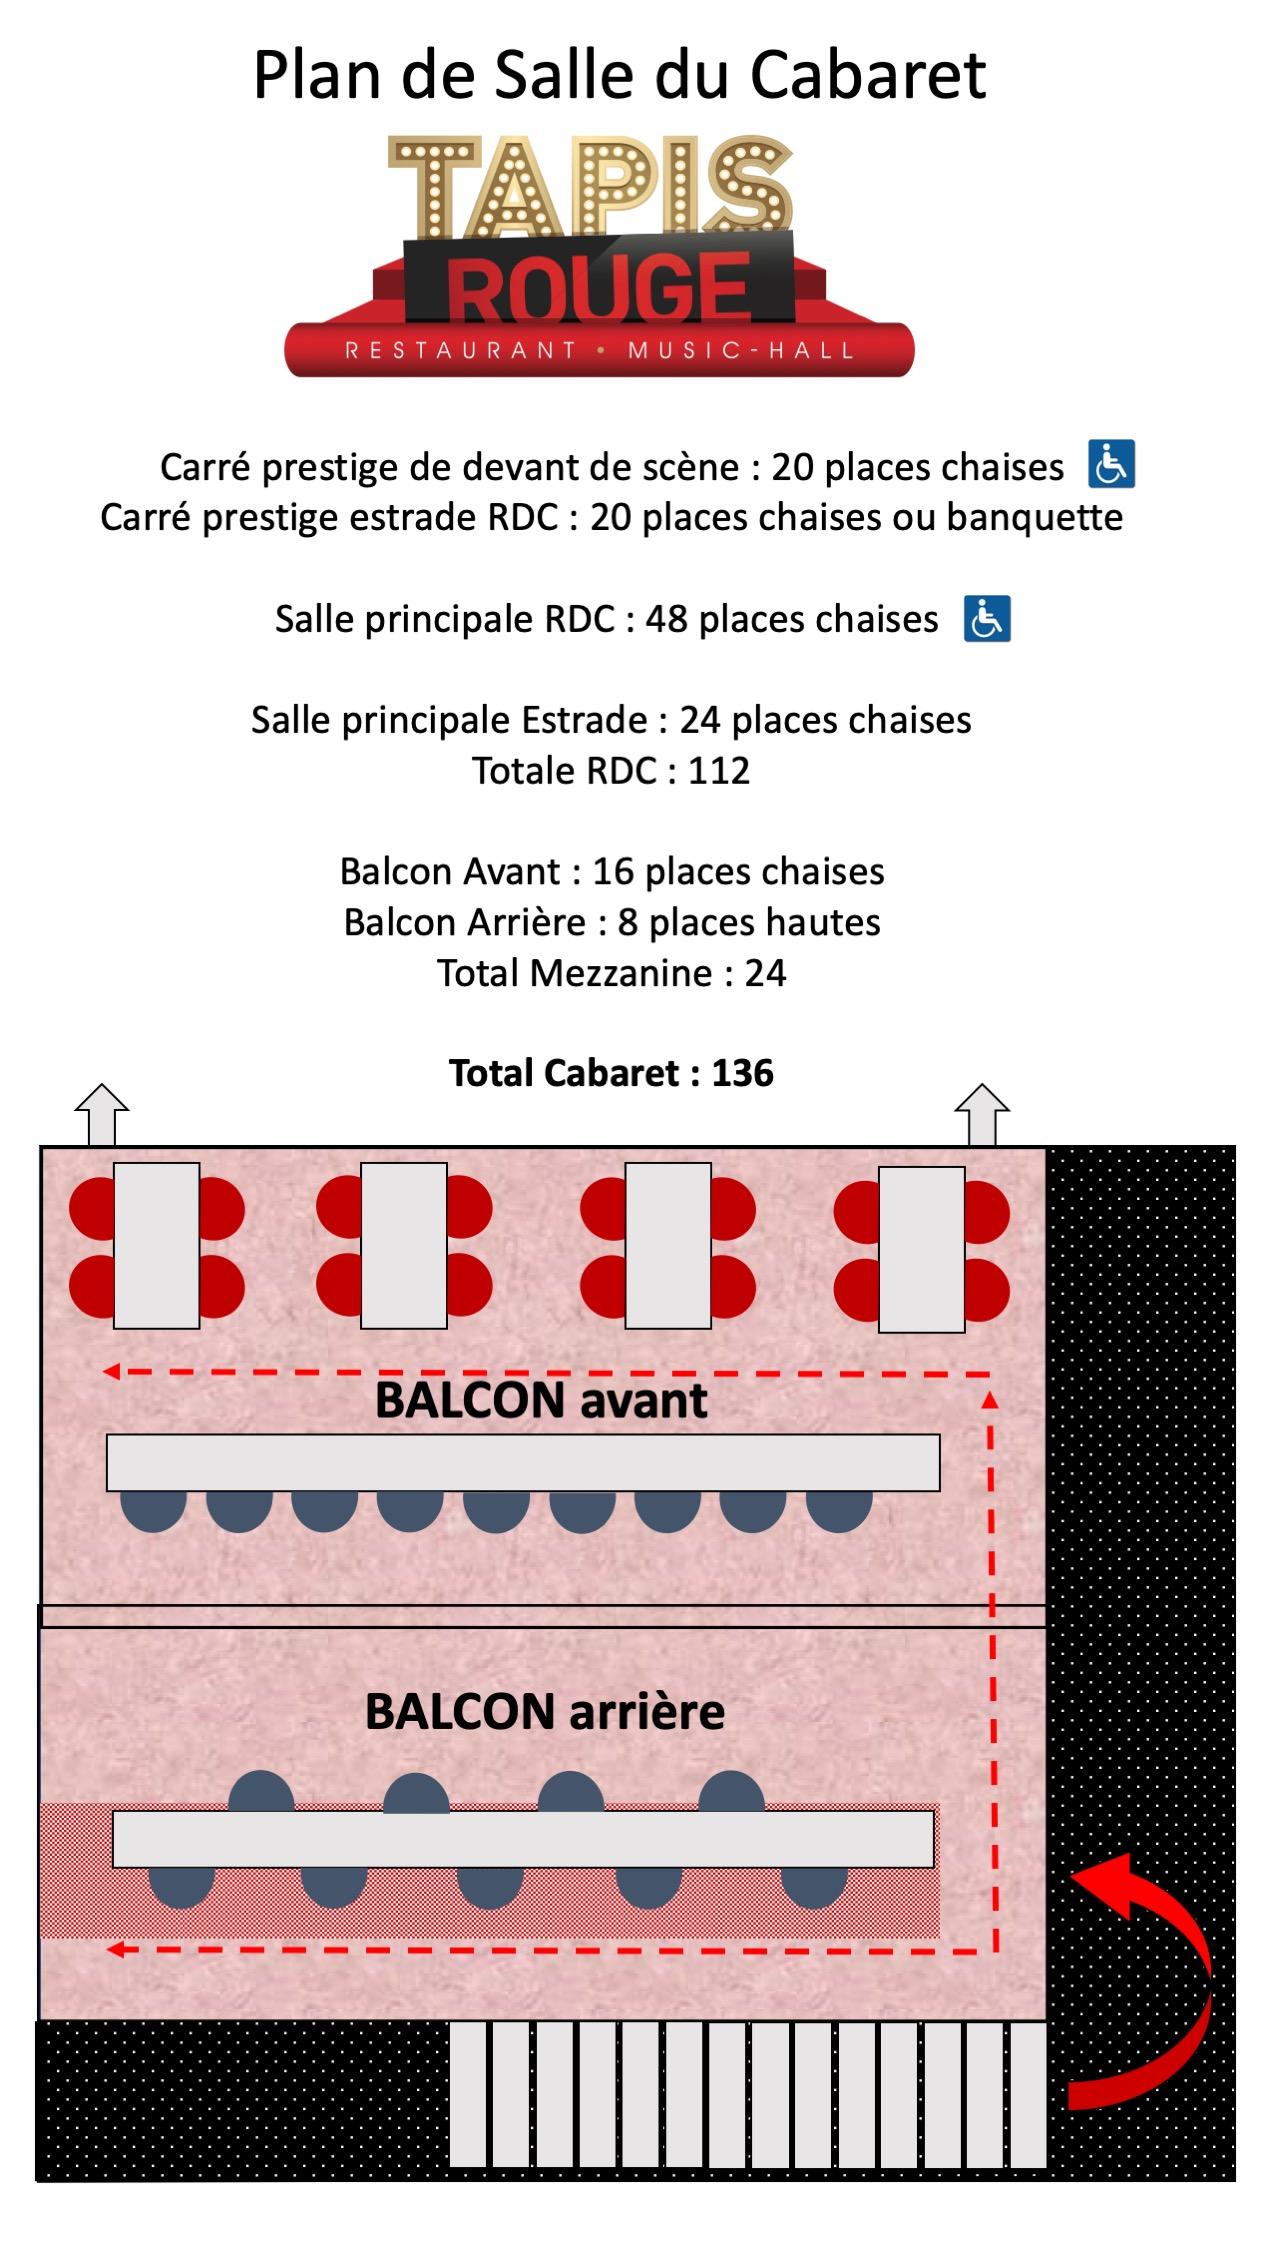 PLAN DE SALLE page 01